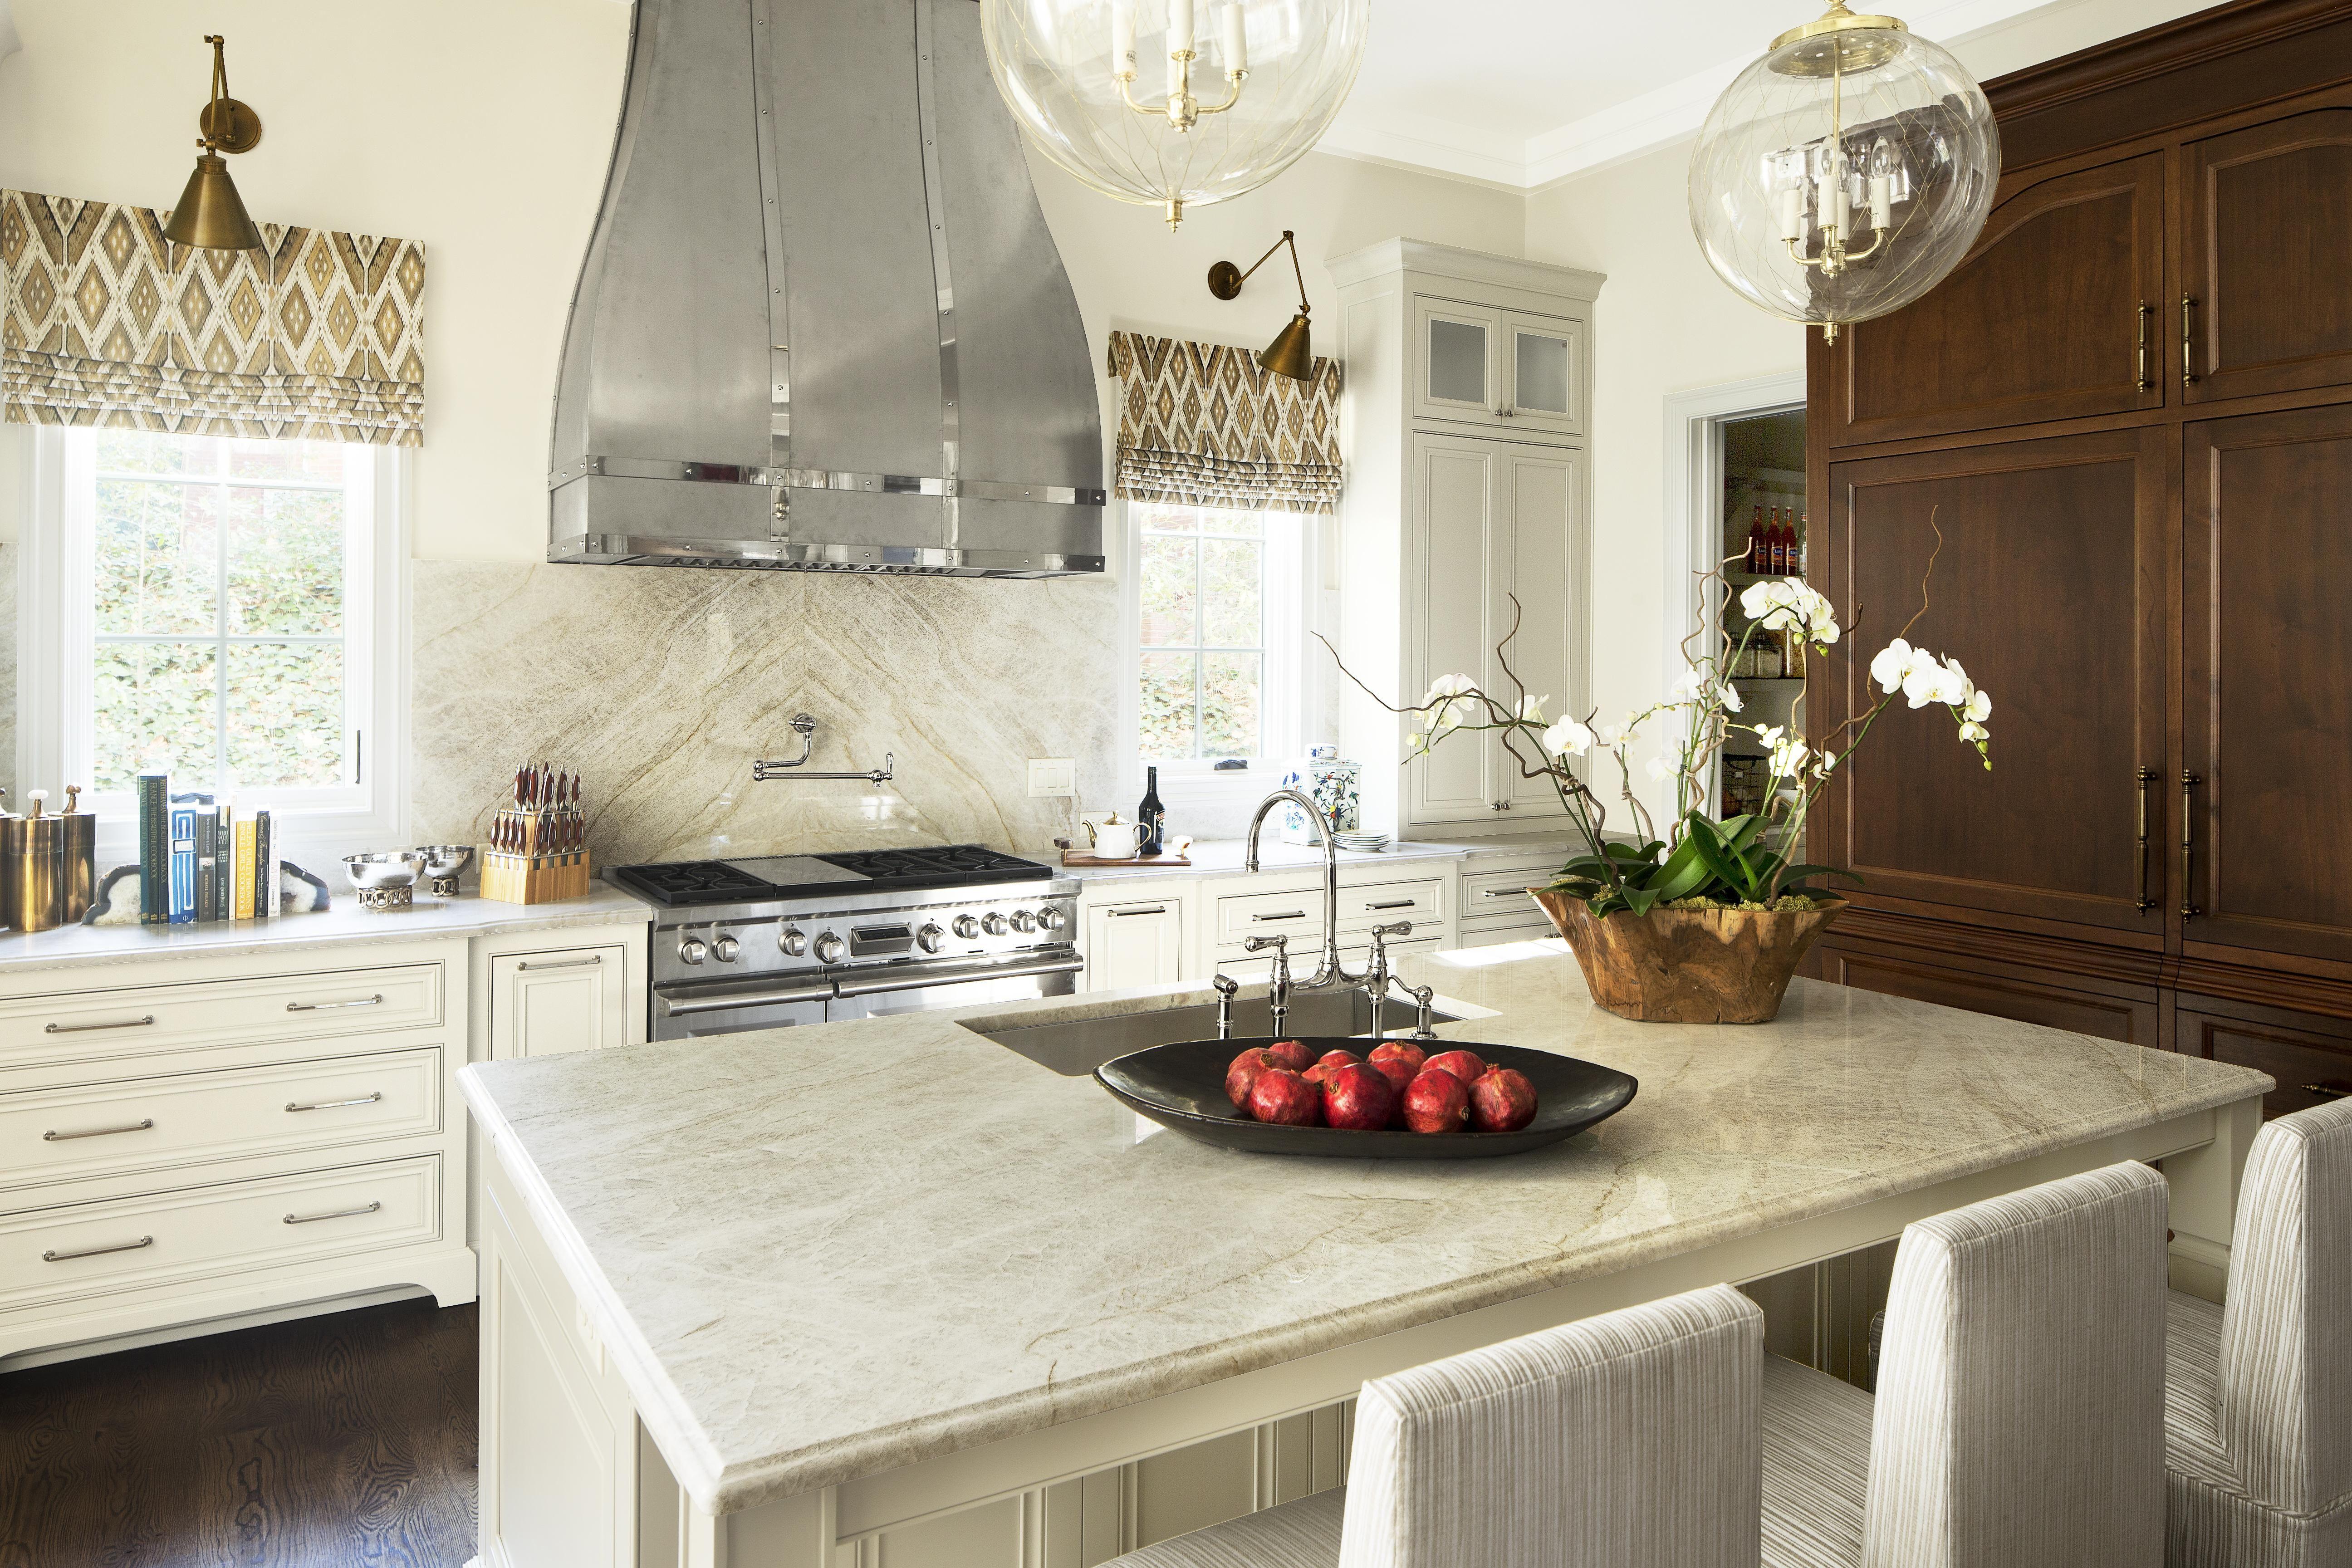 Küchenideen für weiße schränke pin von conni auf küche  pinterest  küche